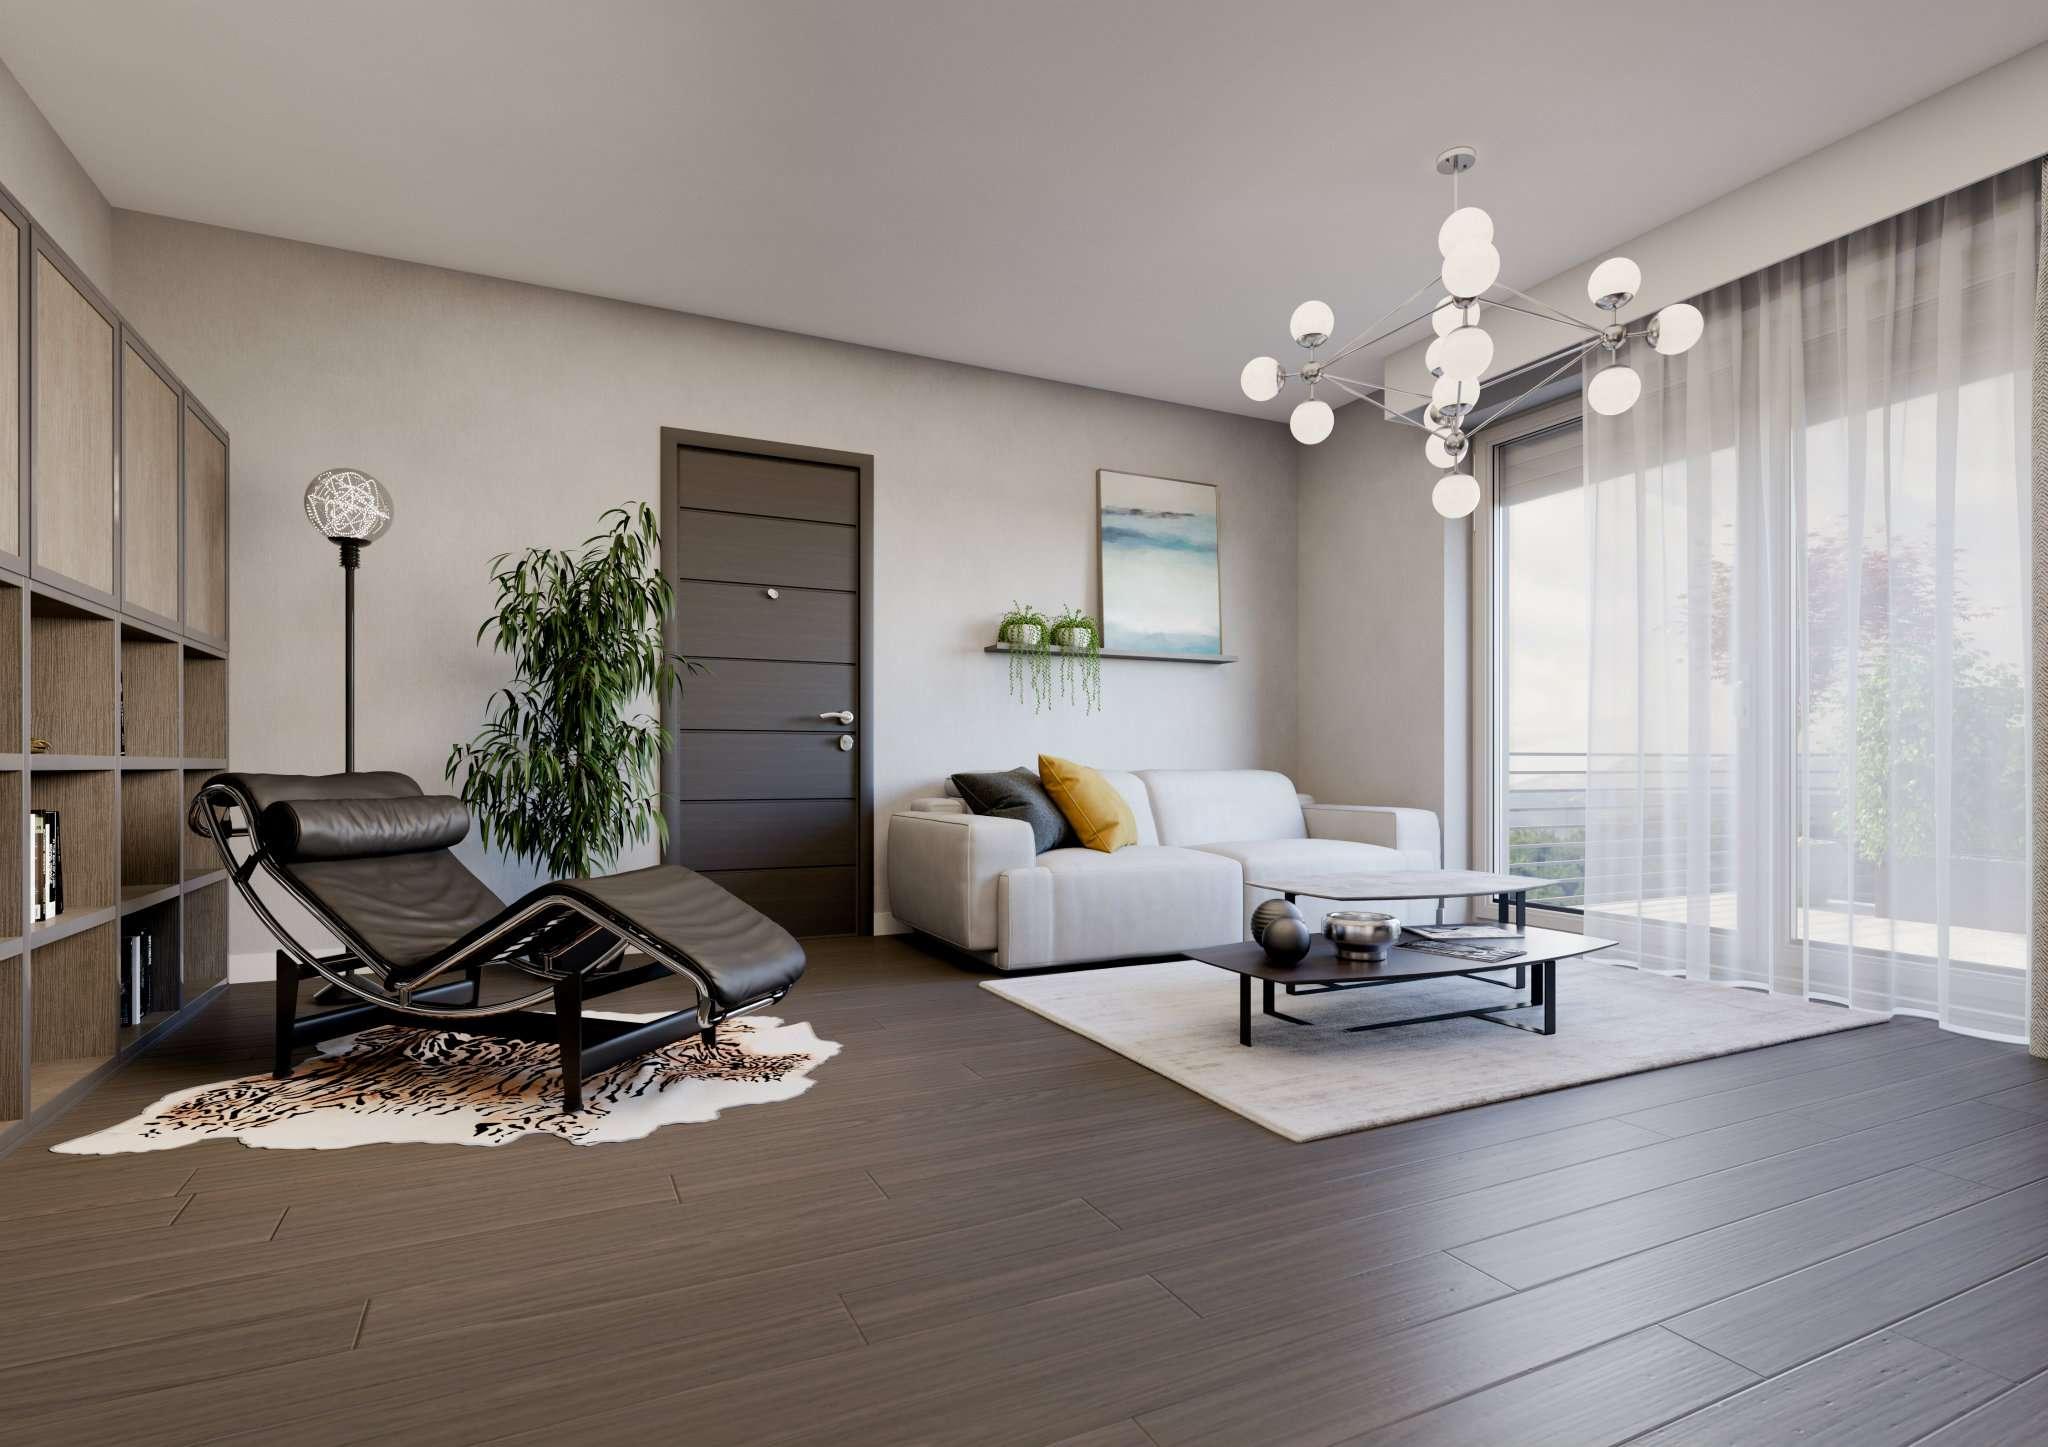 Appartamento in vendita a Mezzago, 3 locali, prezzo € 225.000 | CambioCasa.it